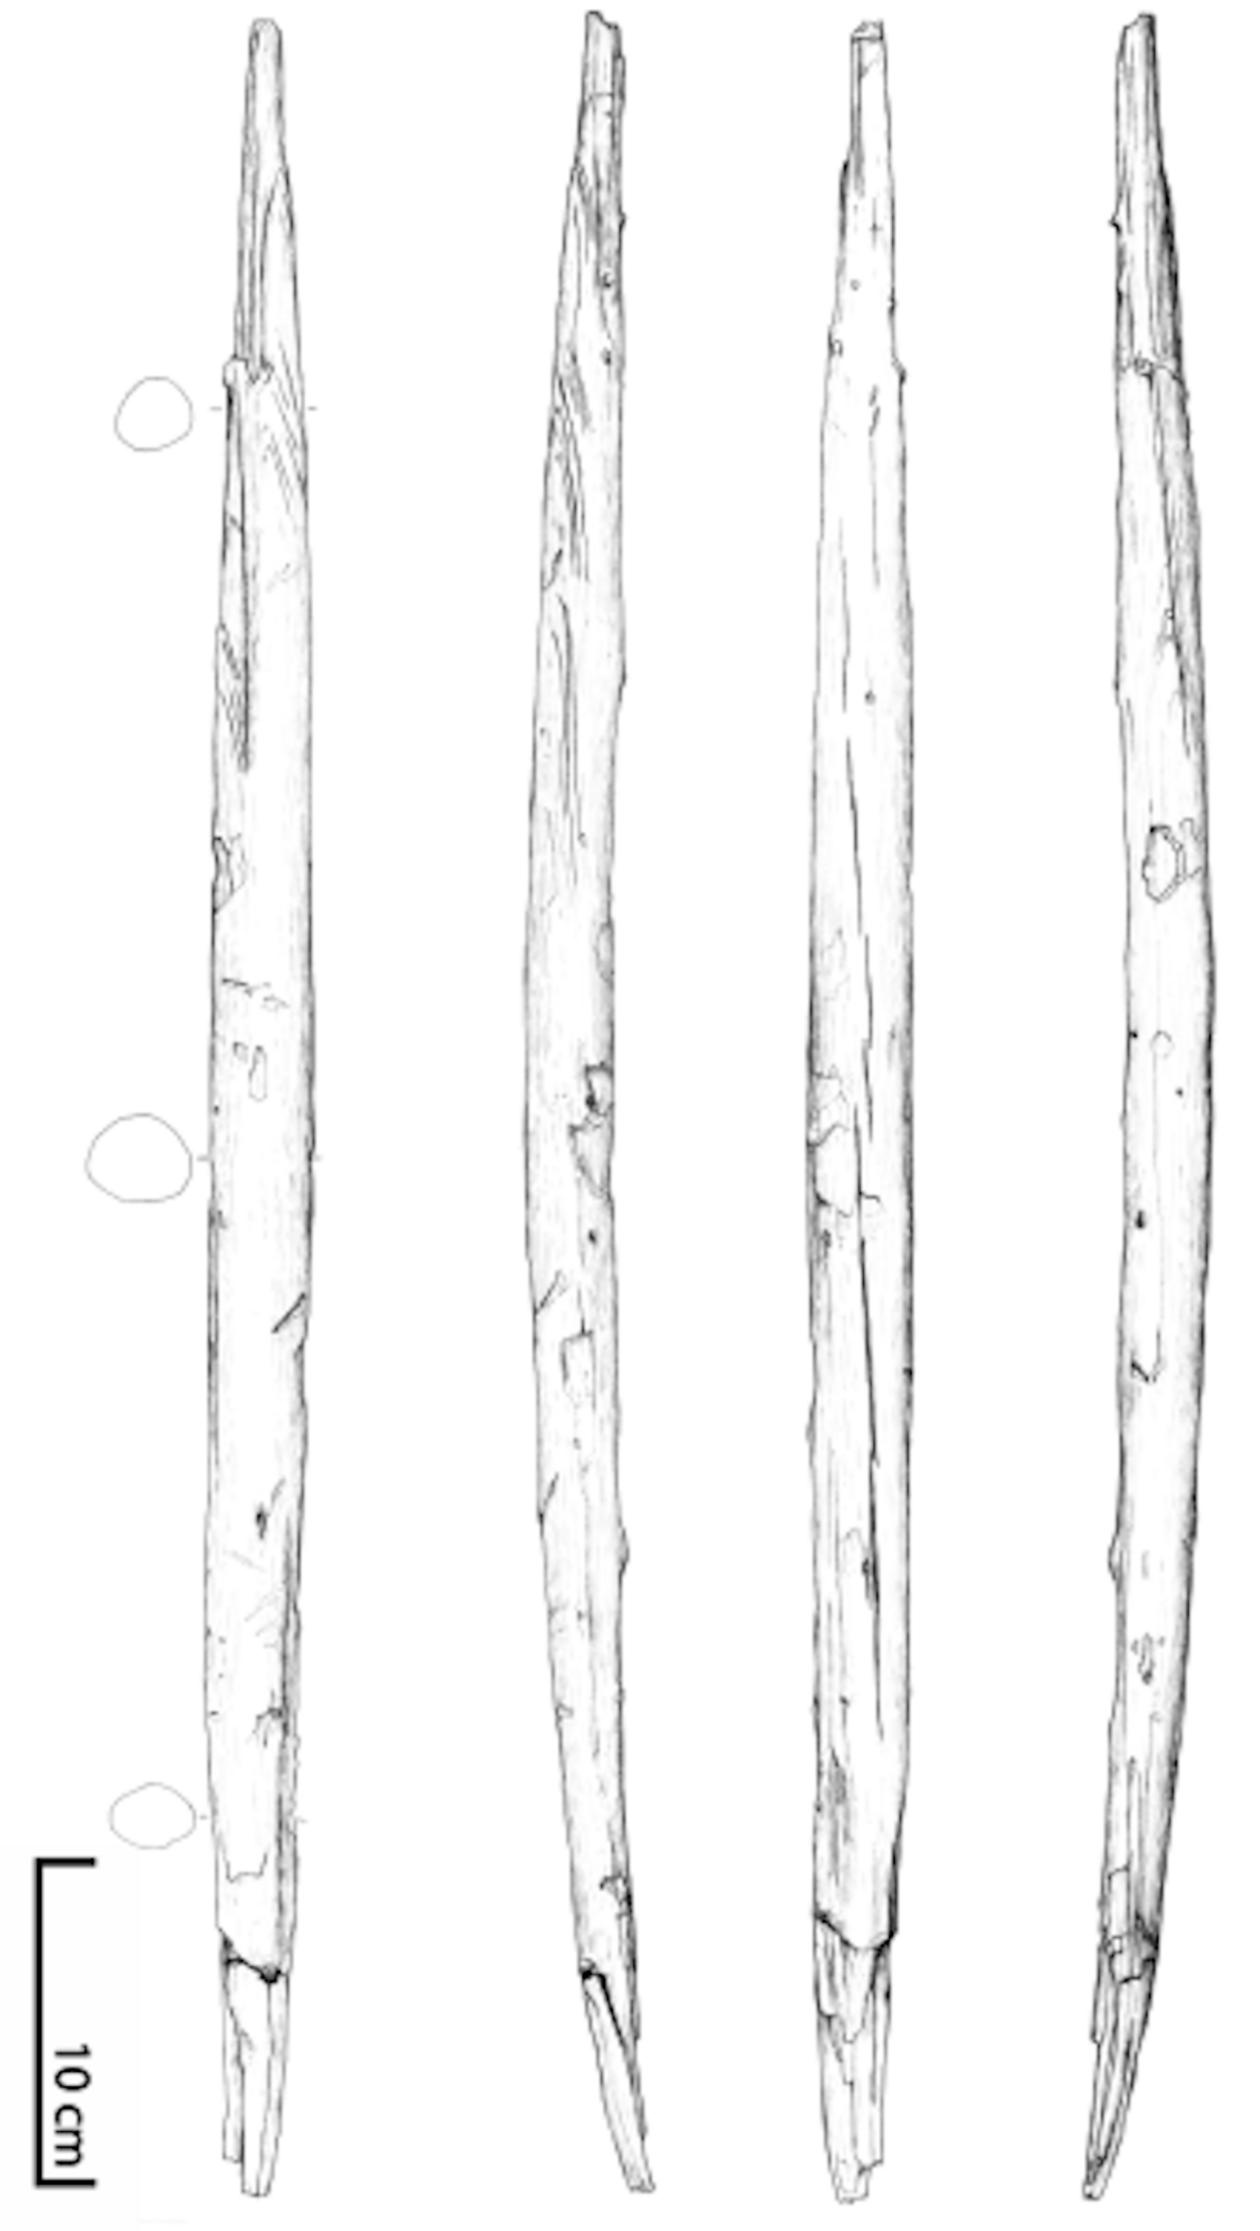 Zeichnung des Wurfstocks aus Schöningen (Zeichnung: Ralf Ehmann)